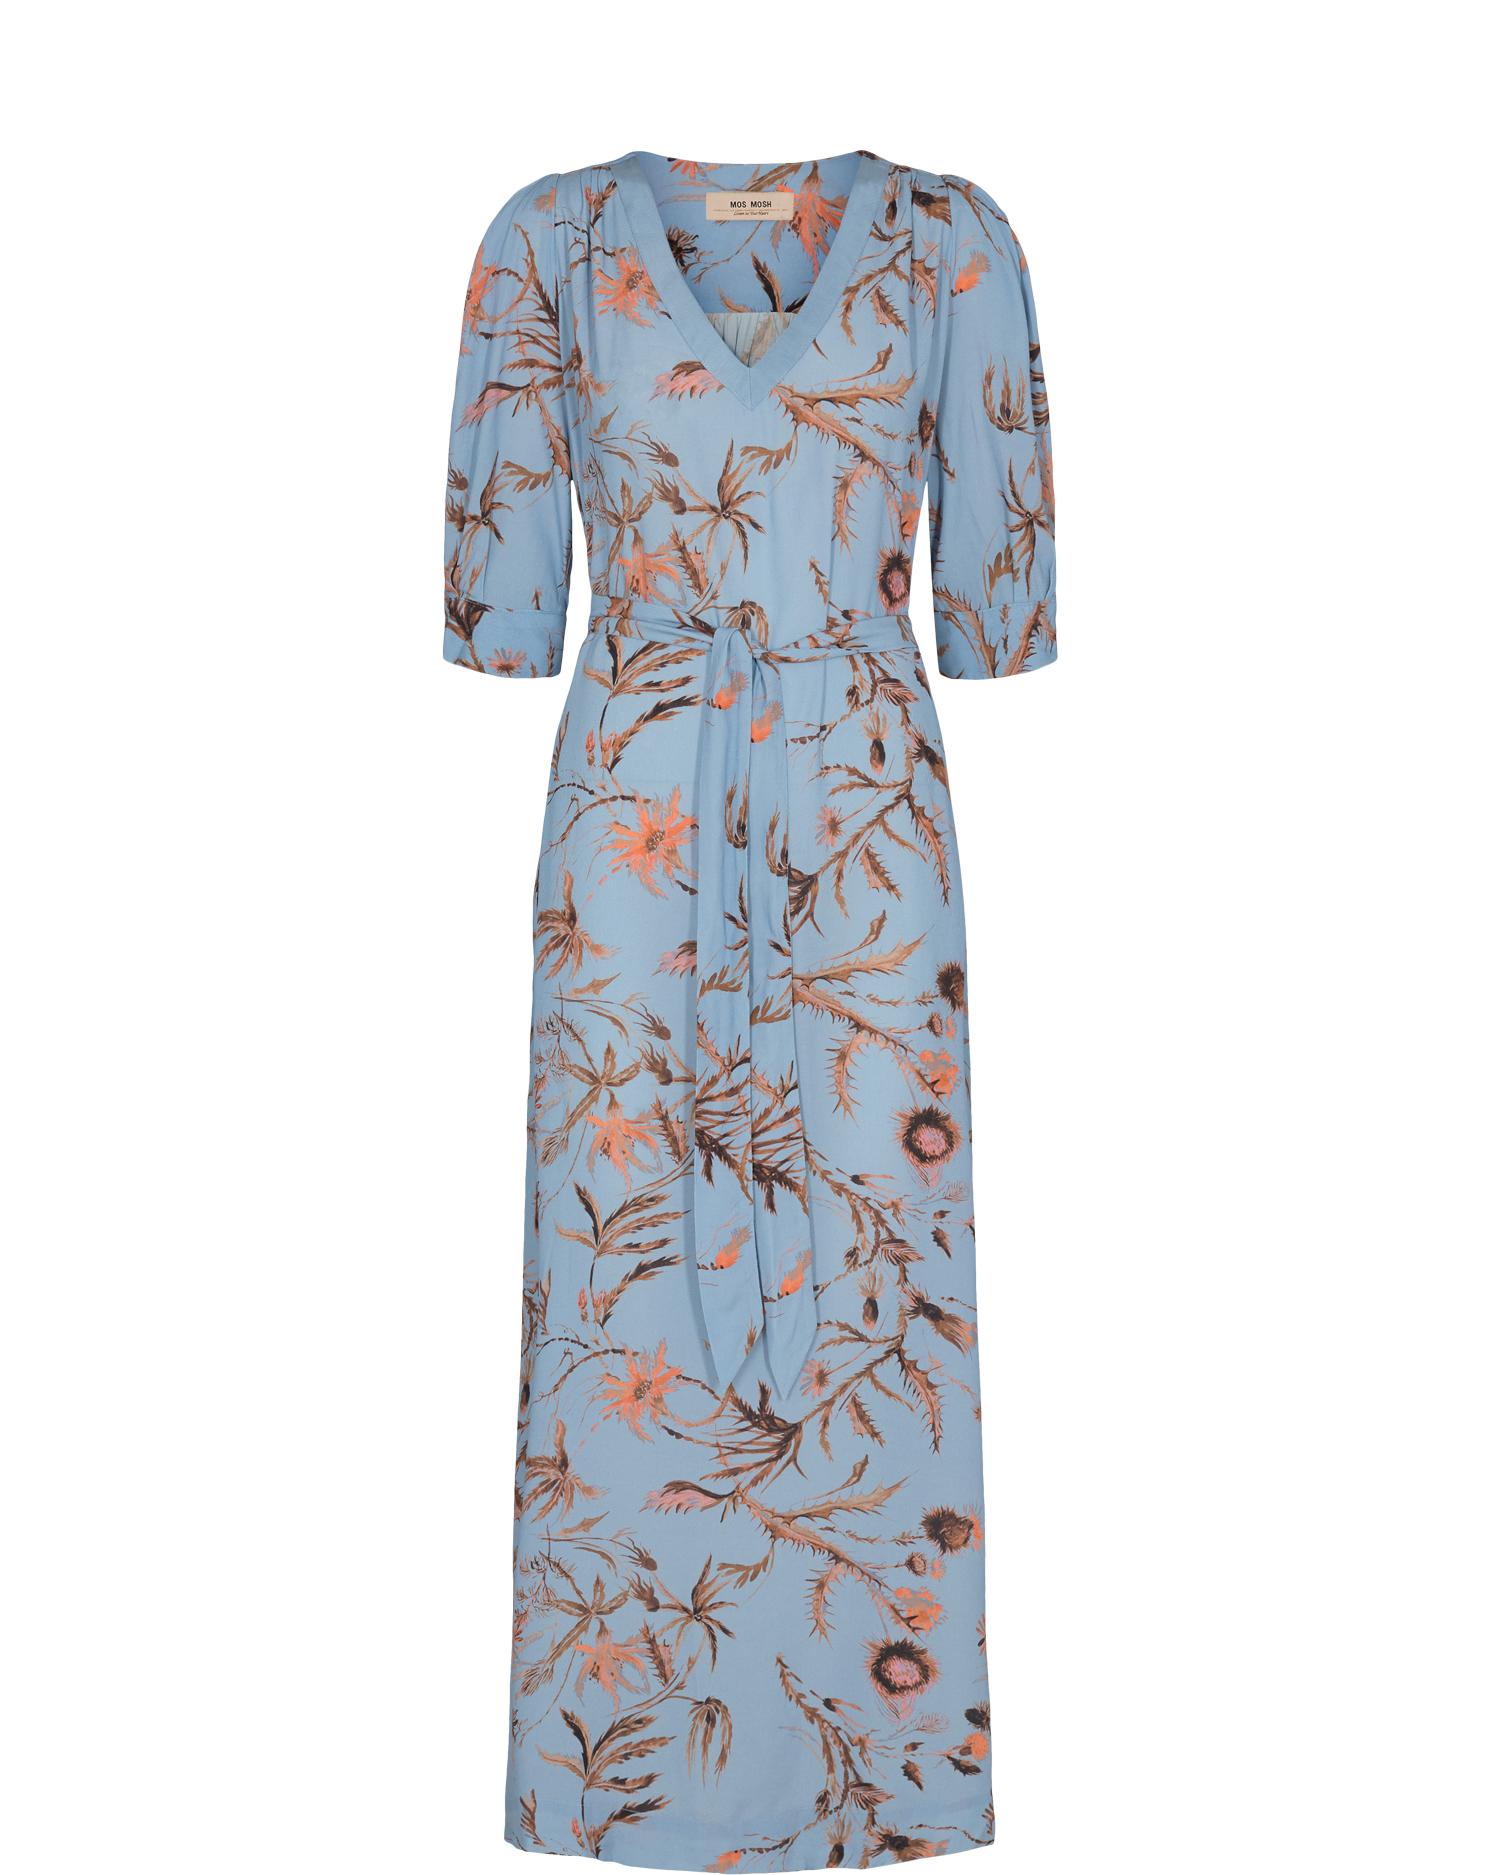 Kanela Thistle Dress